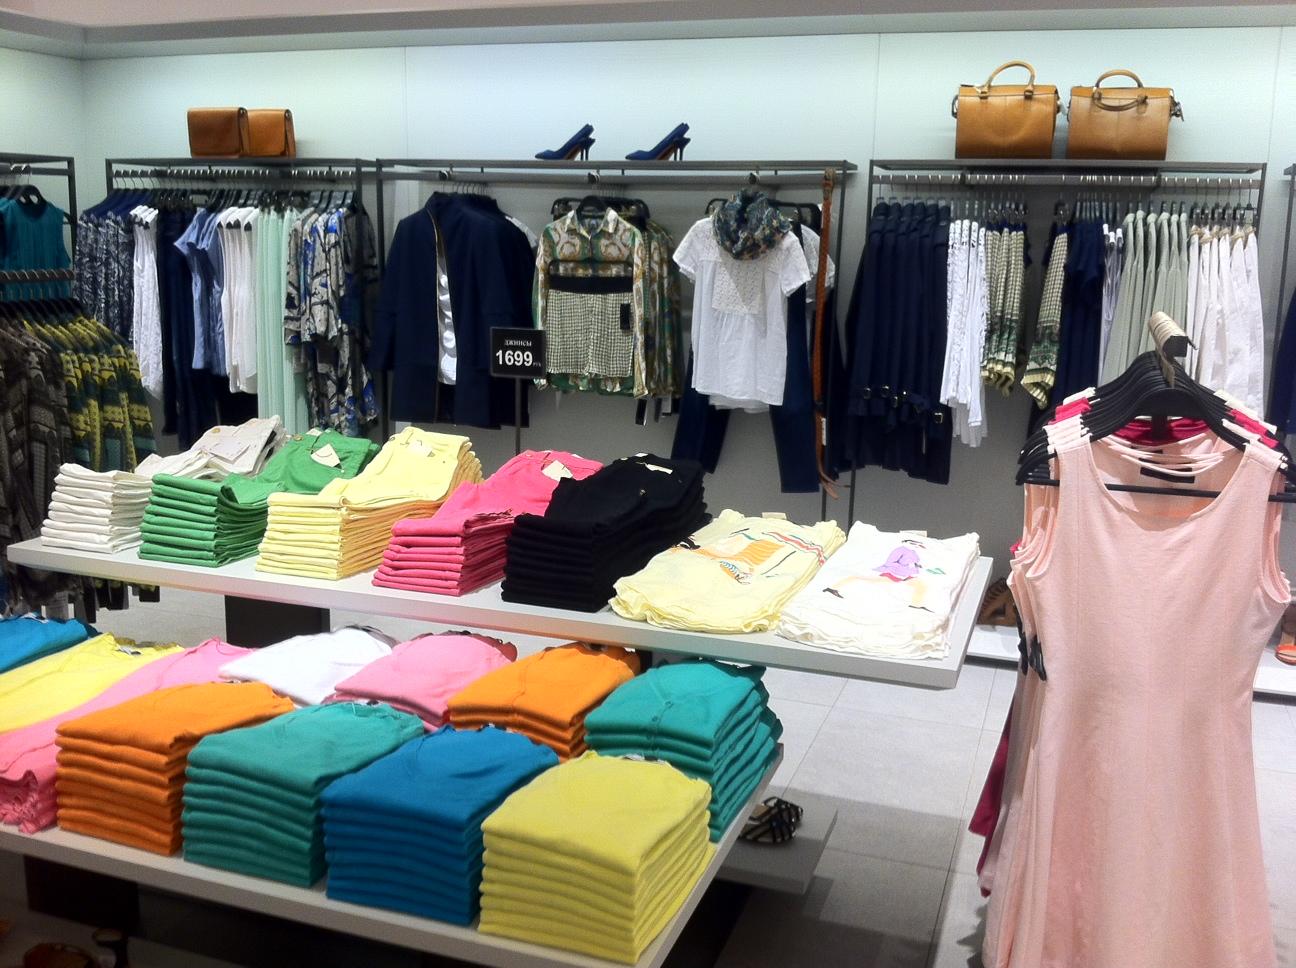 магазин одежды зара в москве готового бизнеса Краснодаре